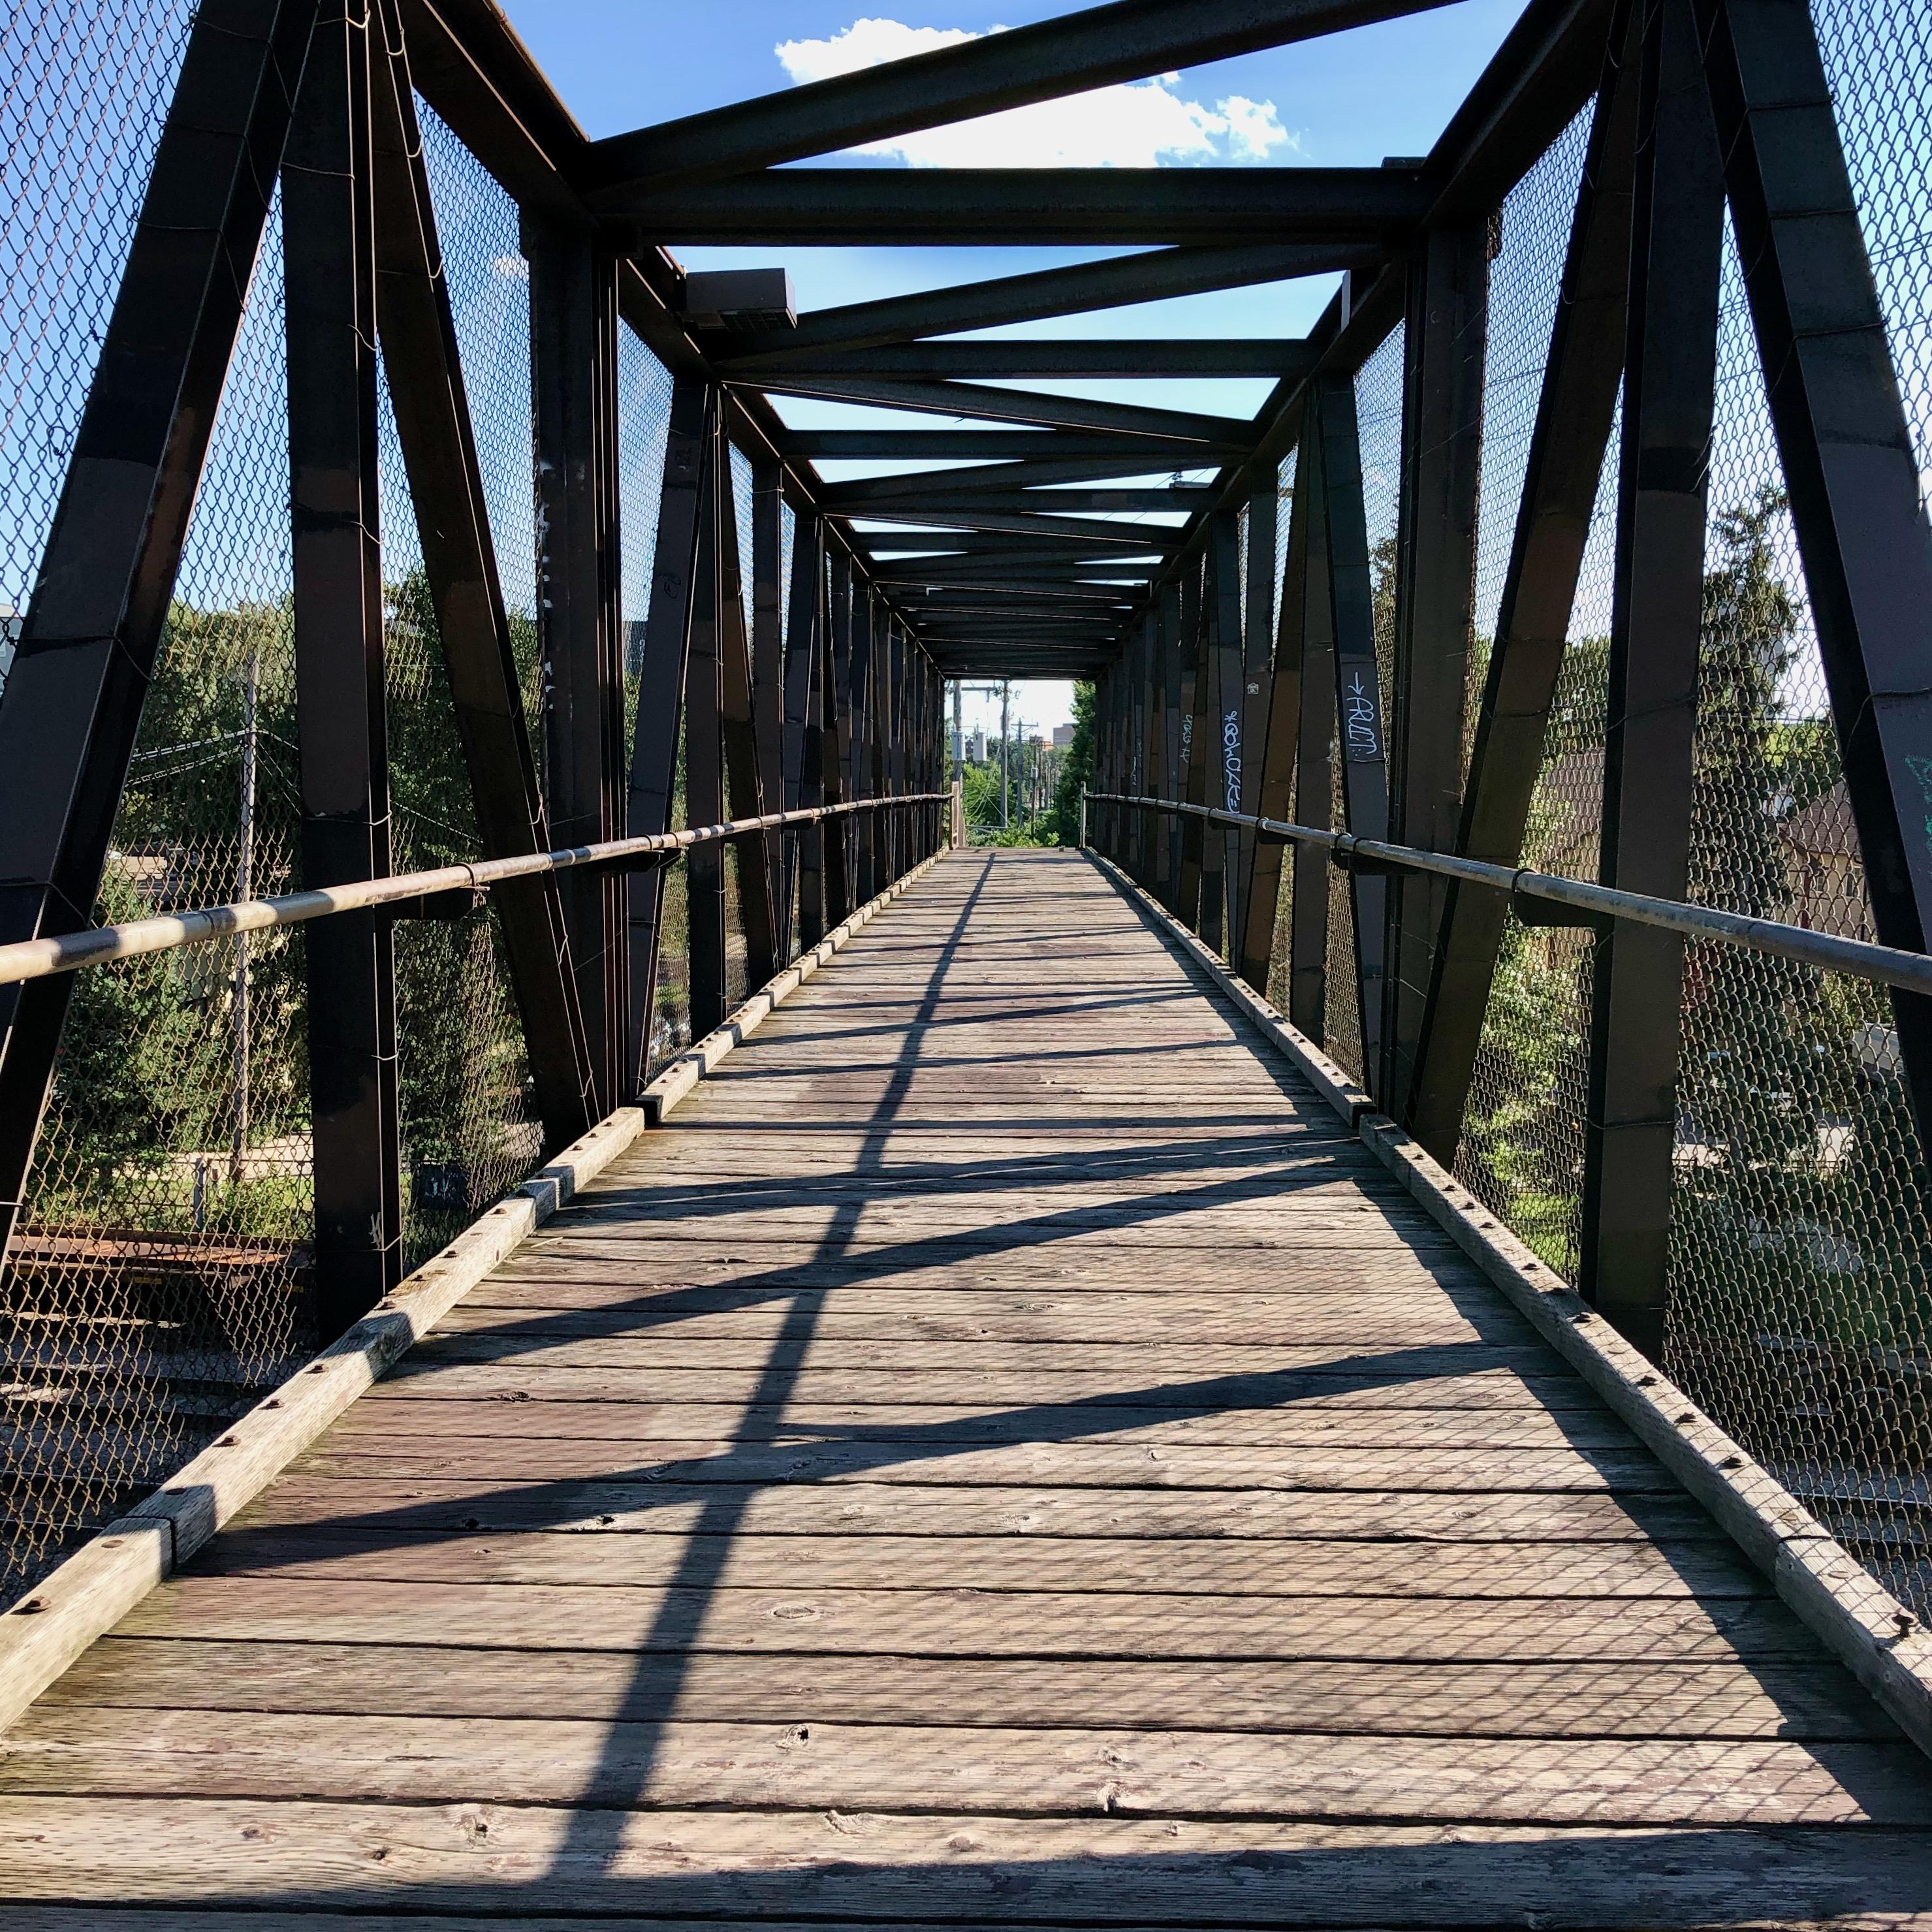 Empty pedestrian bridge